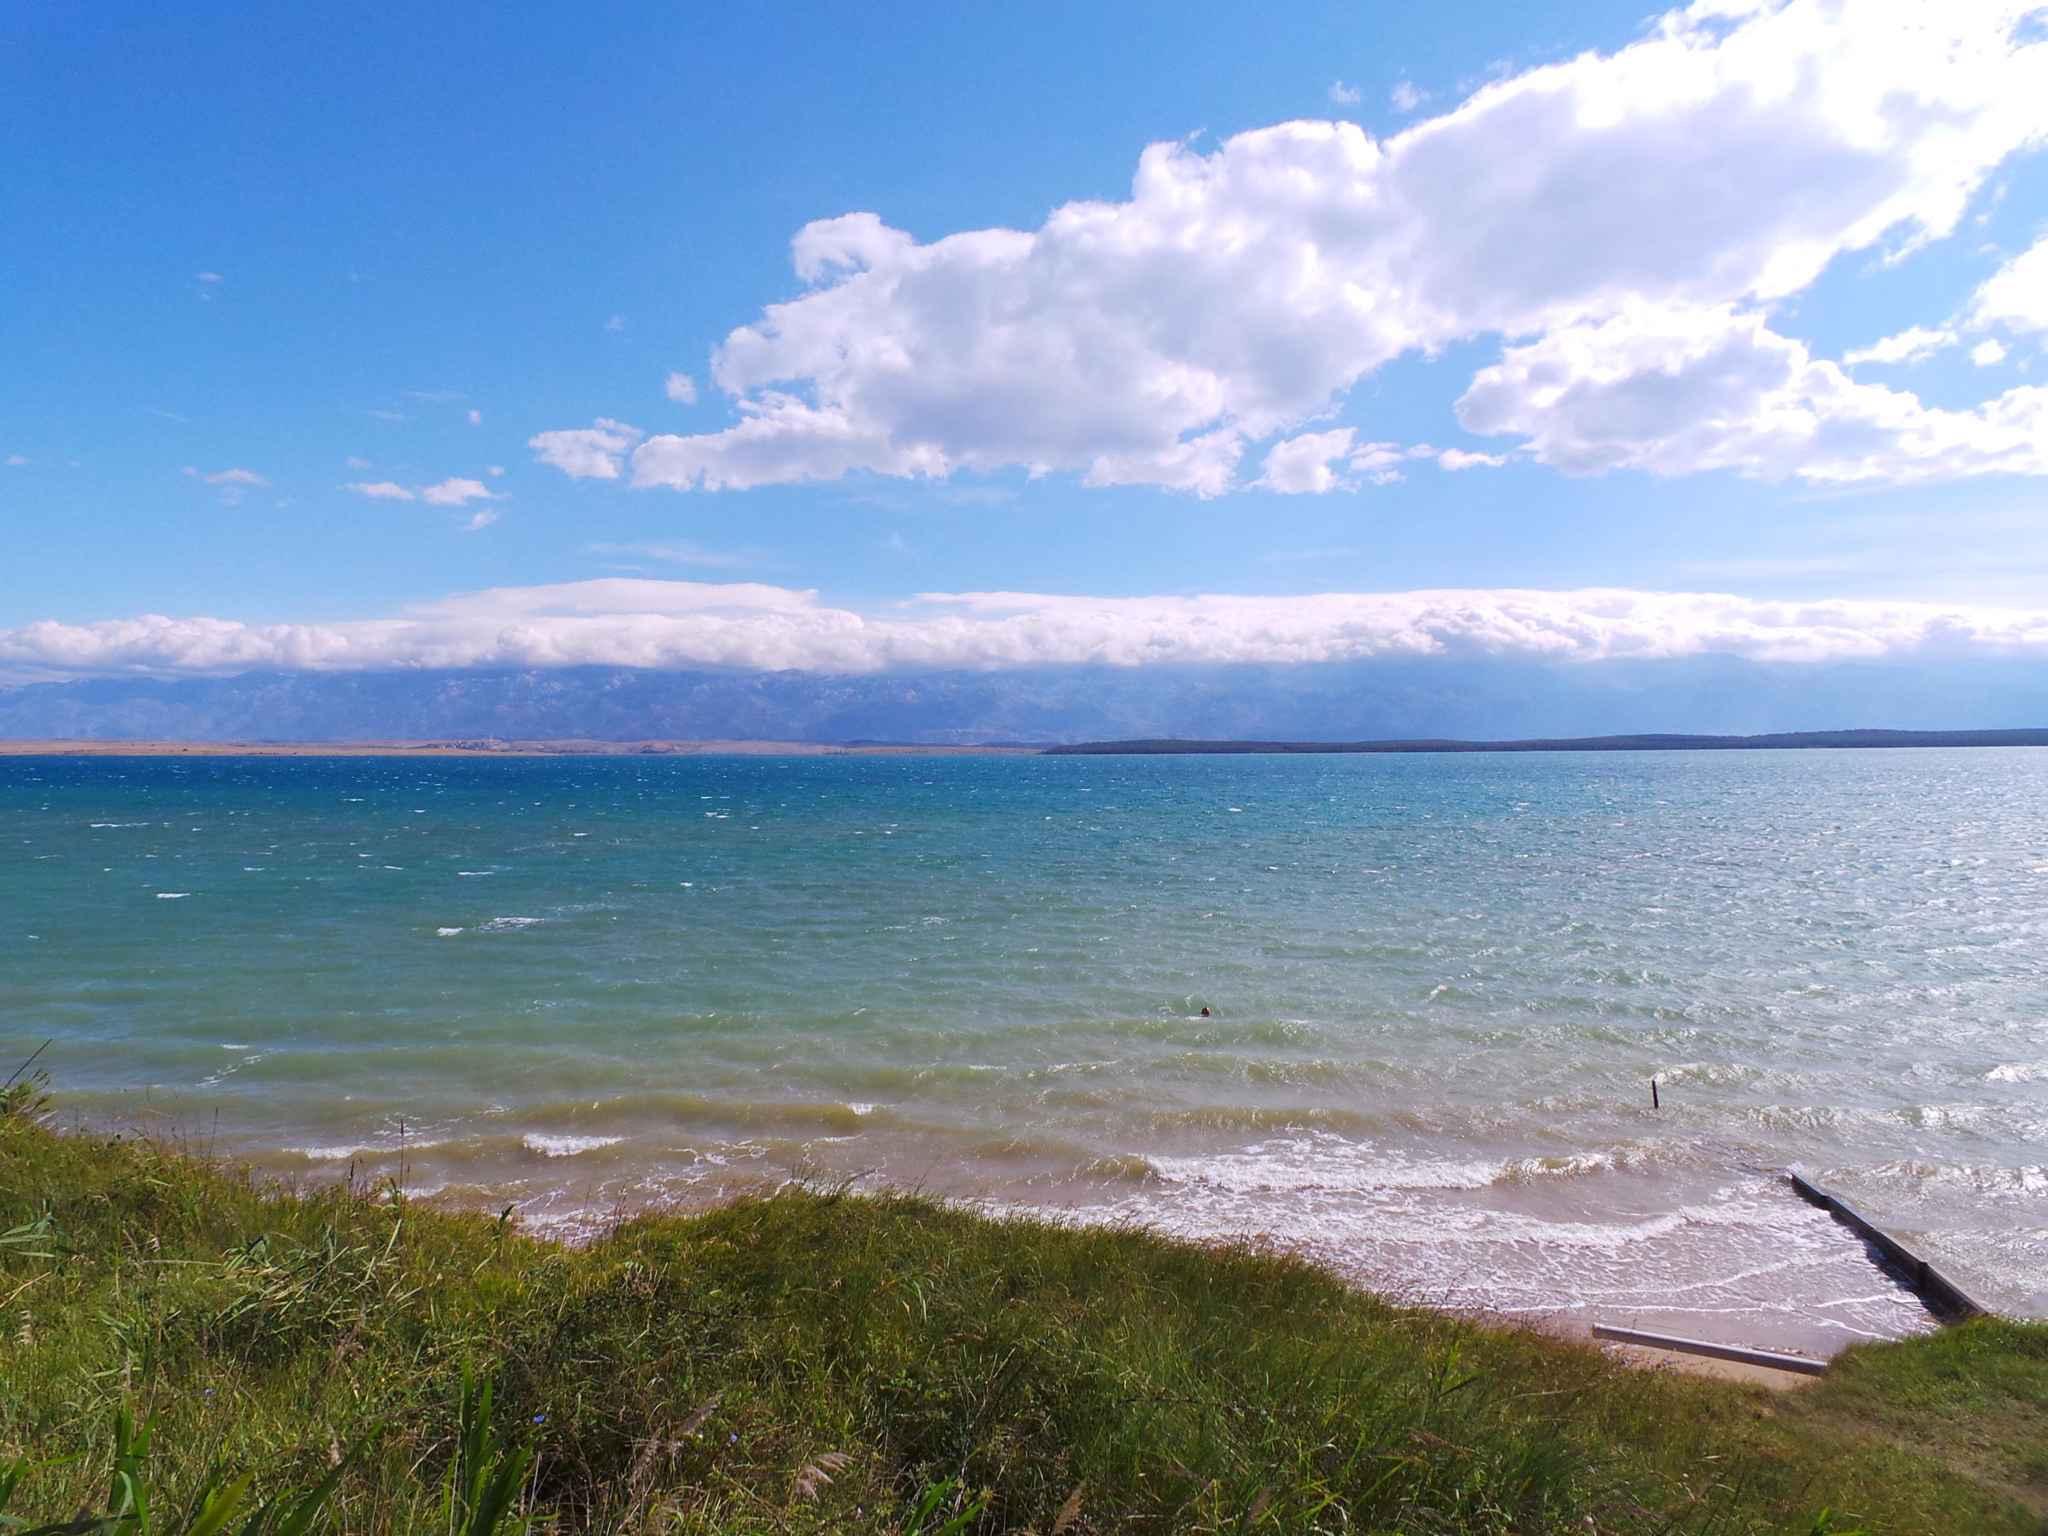 Ferienwohnung 200 m zur Adria (278890), Privlaka, , Dalmatien, Kroatien, Bild 6